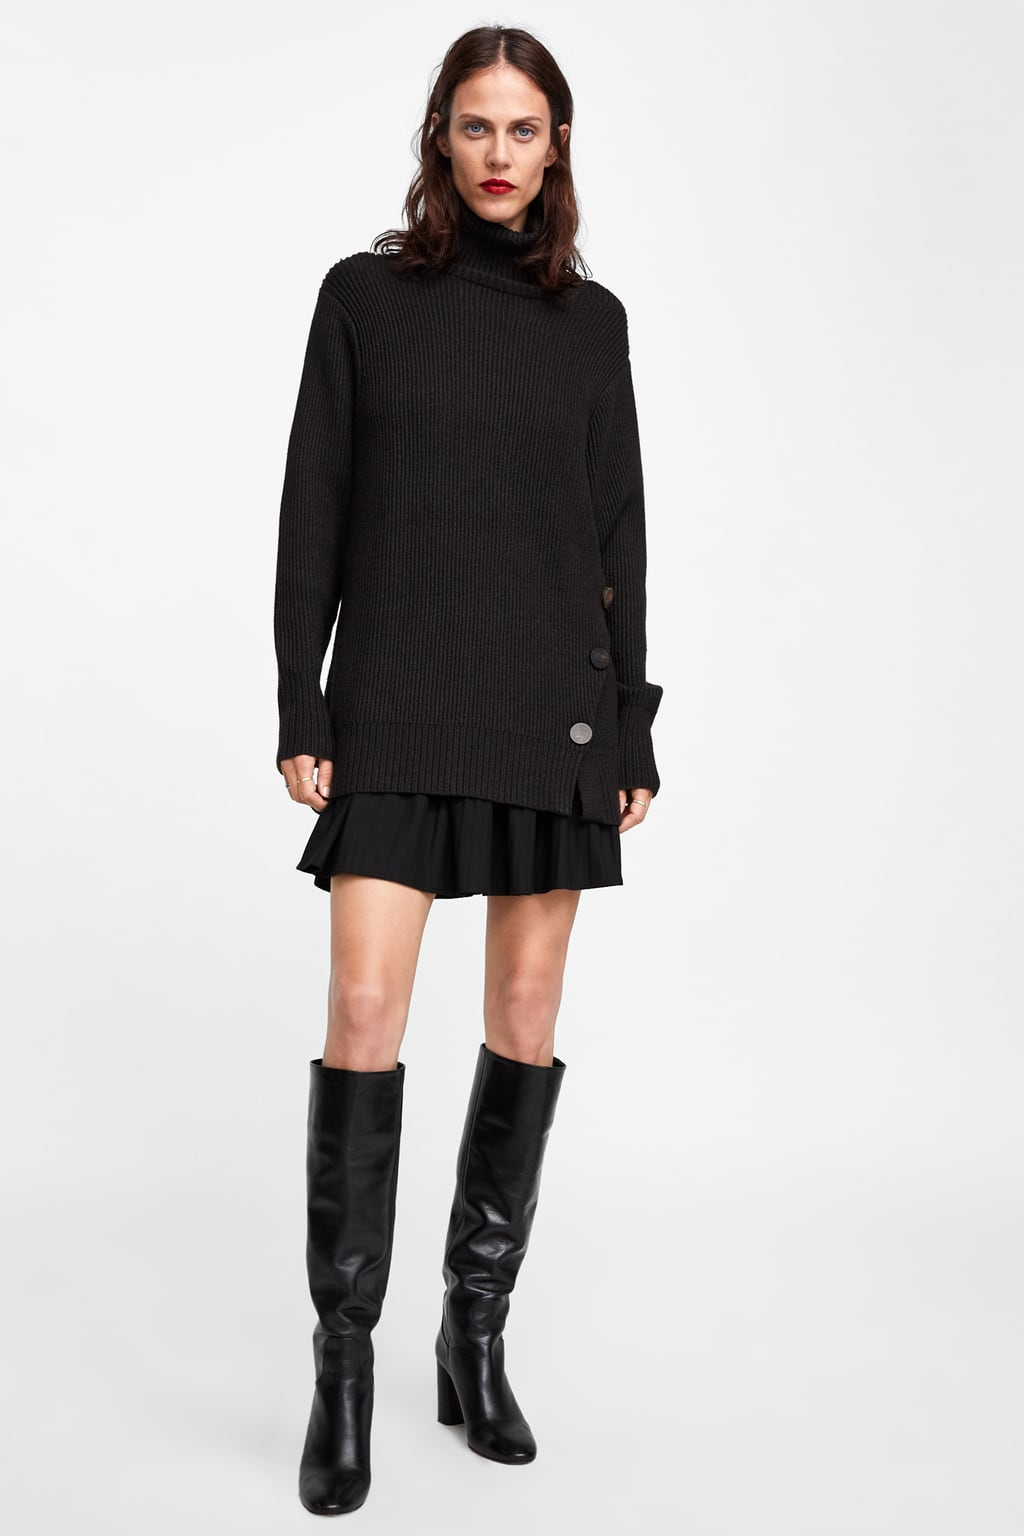 Oversized Buttoned Sweater  Sweaters Knitwear Woman by Zara